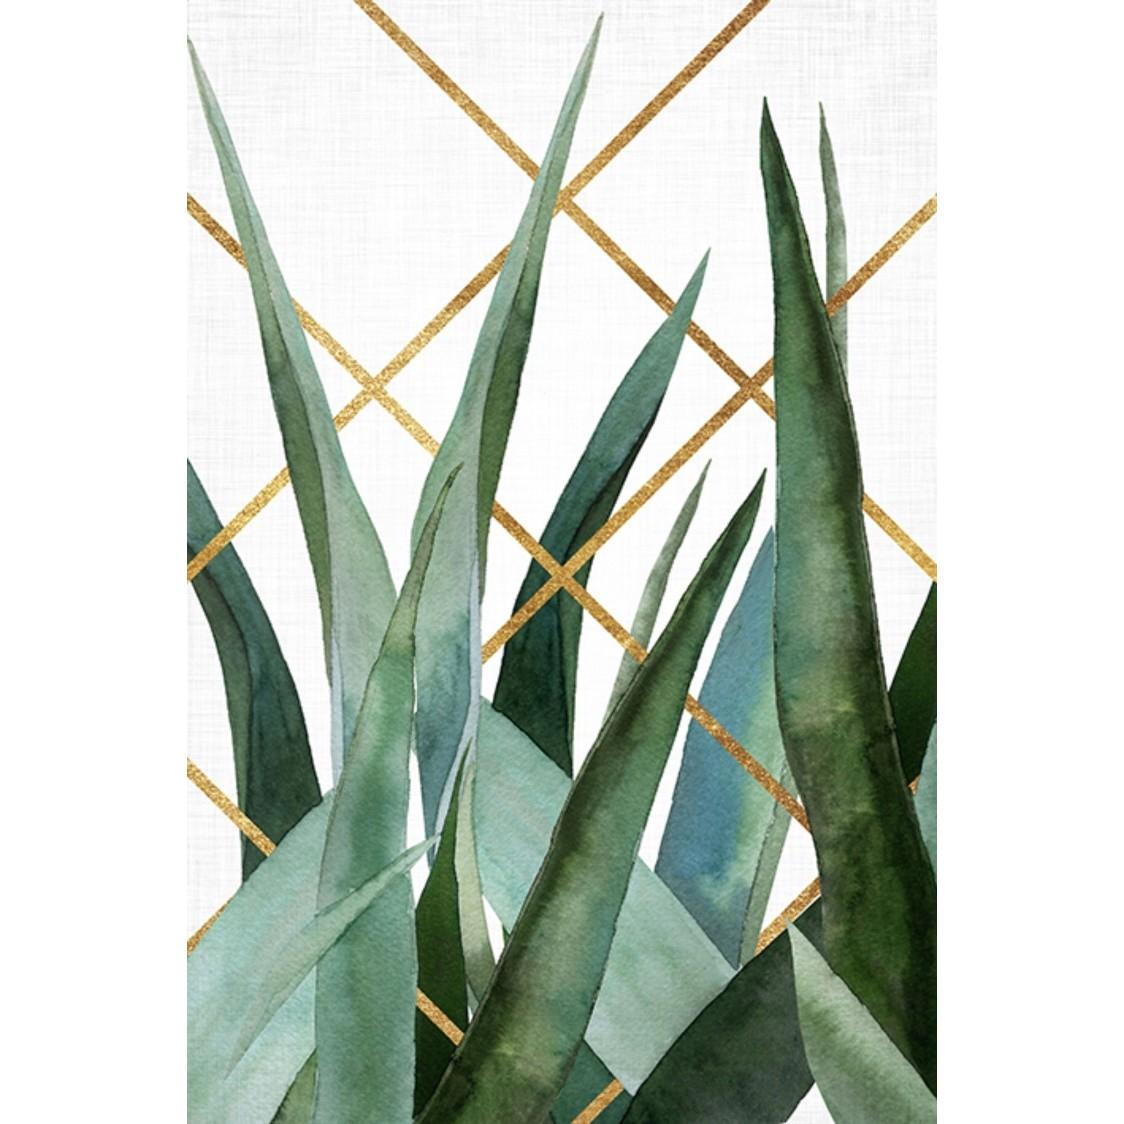 Quadro Decorativo 40x60 cm Folha Espada - Jolie